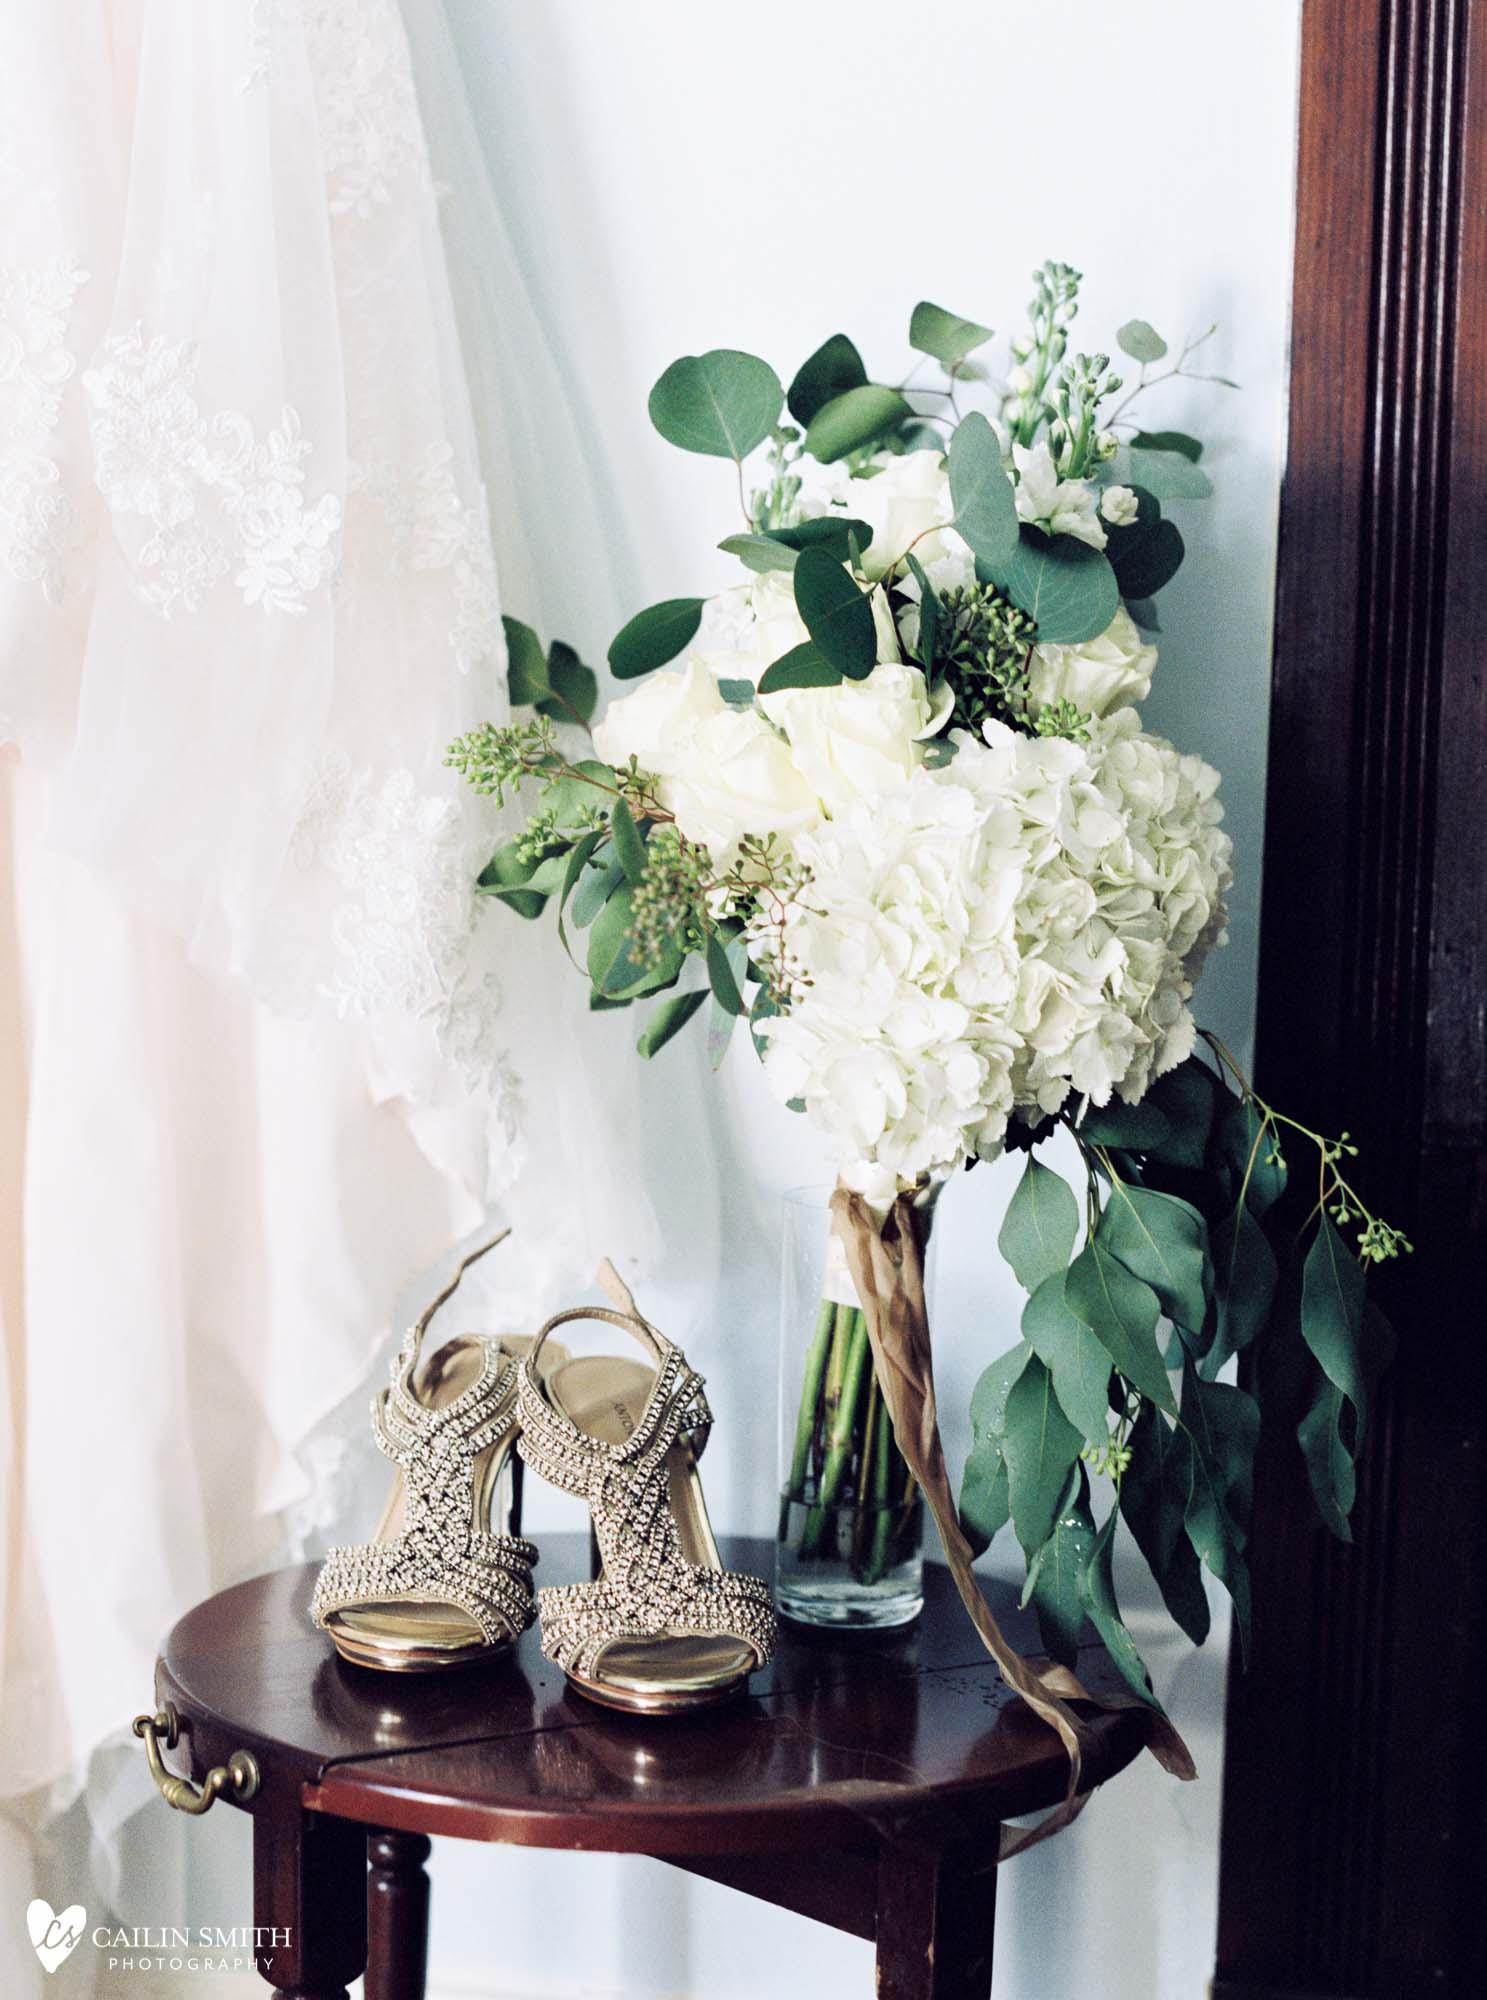 Leah_Major_St_Marys_Wedding_Photography_004.jpg